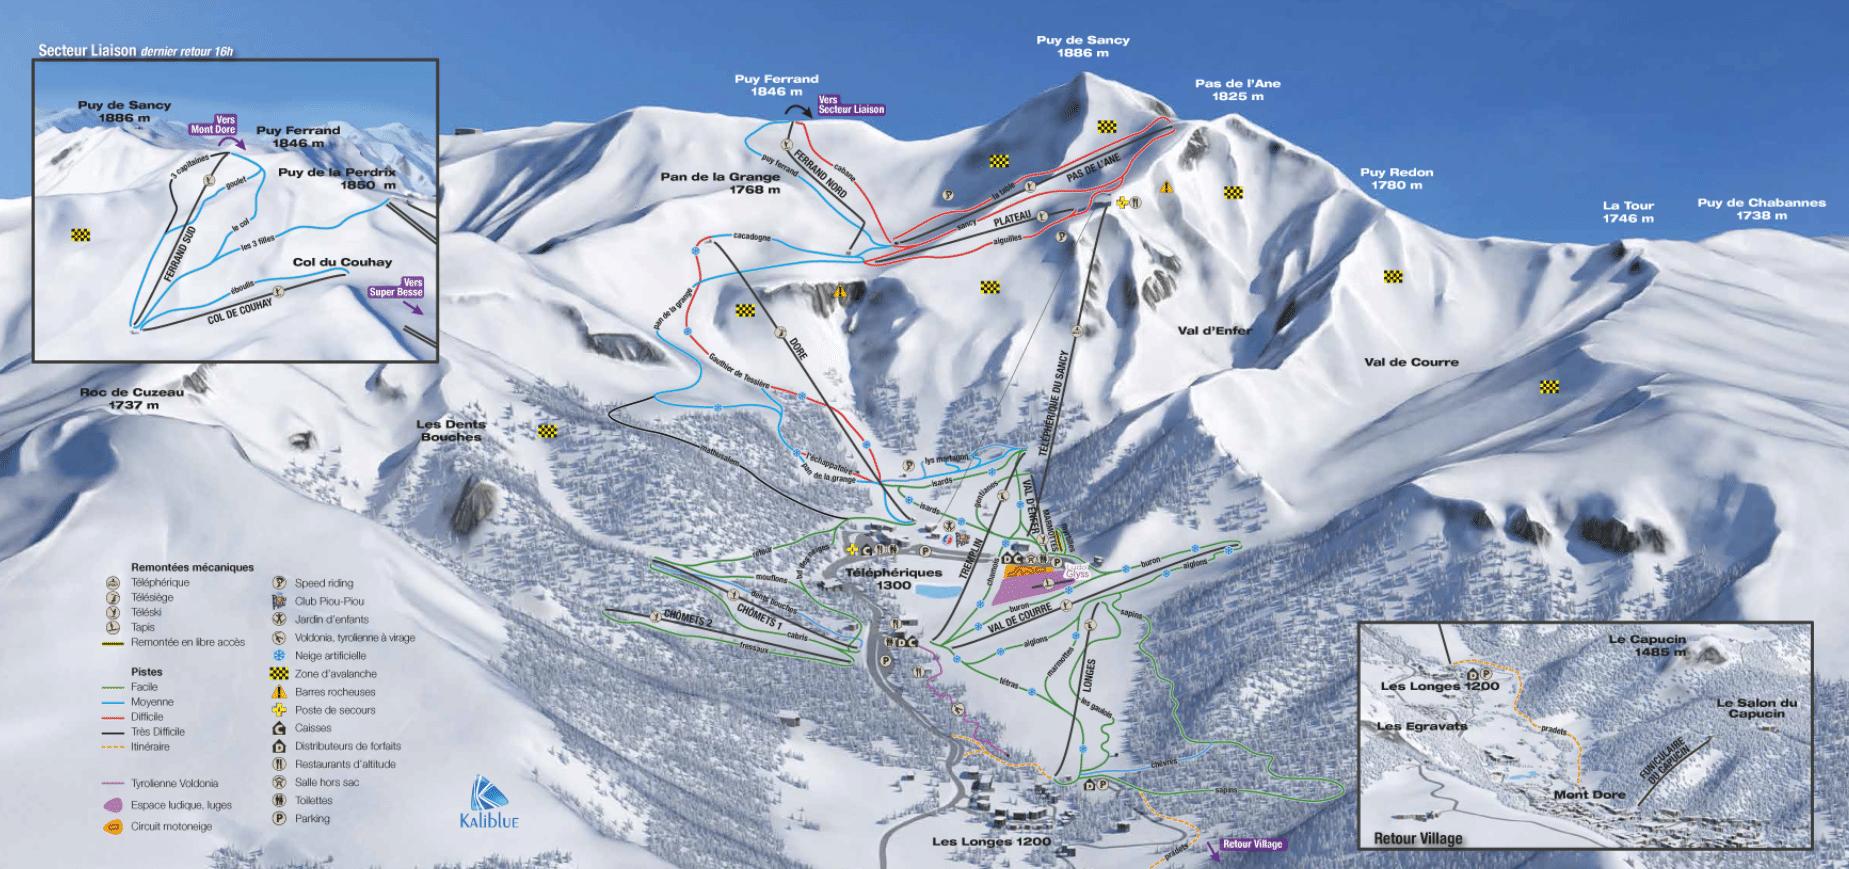 Le Mont Dore - Plan des pistes de ski